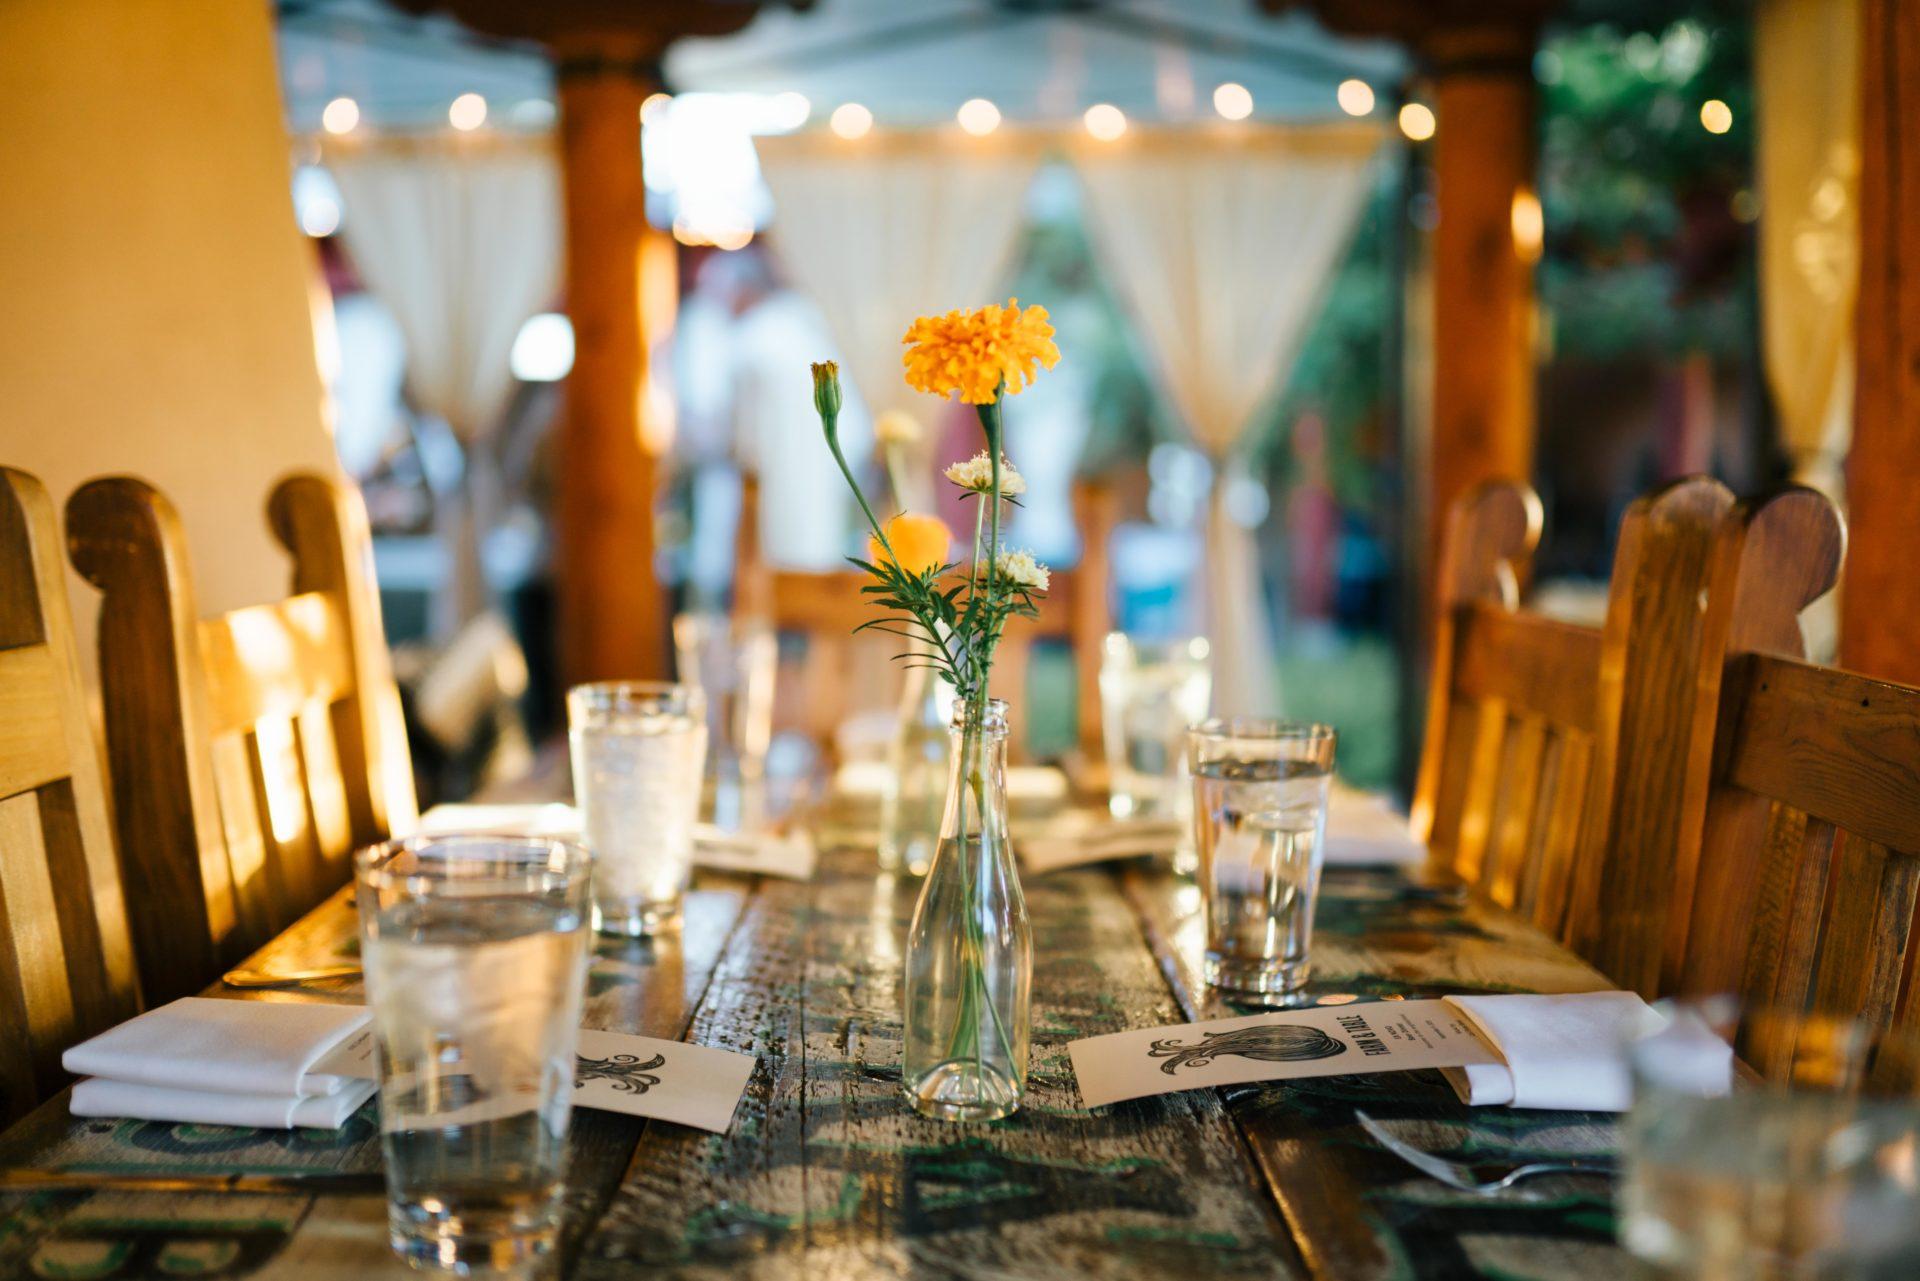 Home Farm Table